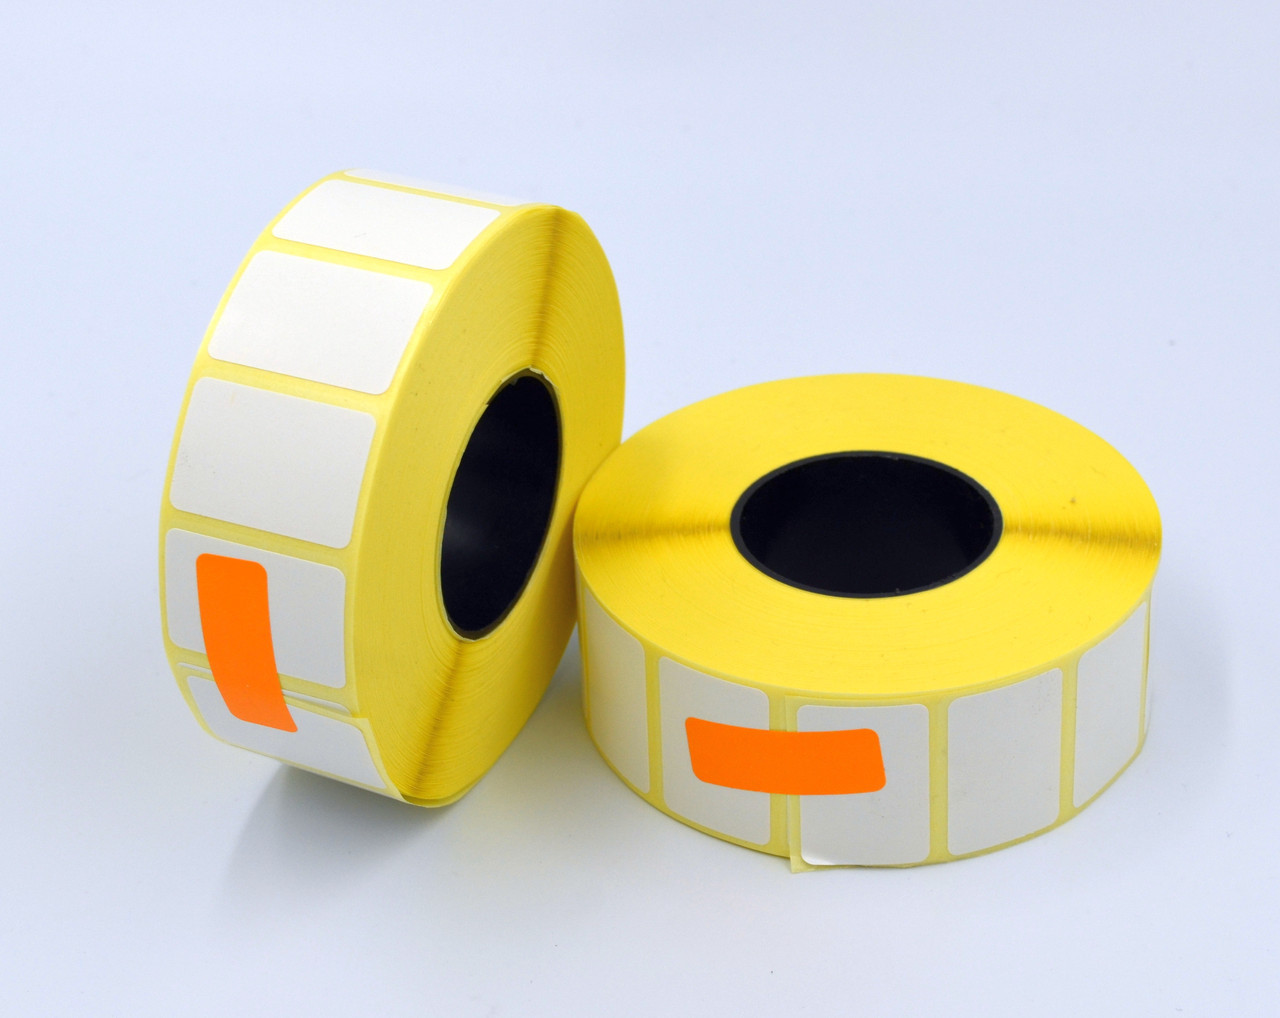 Mobitehnika Этикетка 30*20 2000шт. вт.40 полуглянец для термотрансферных принтеров, рулон 101 мм.